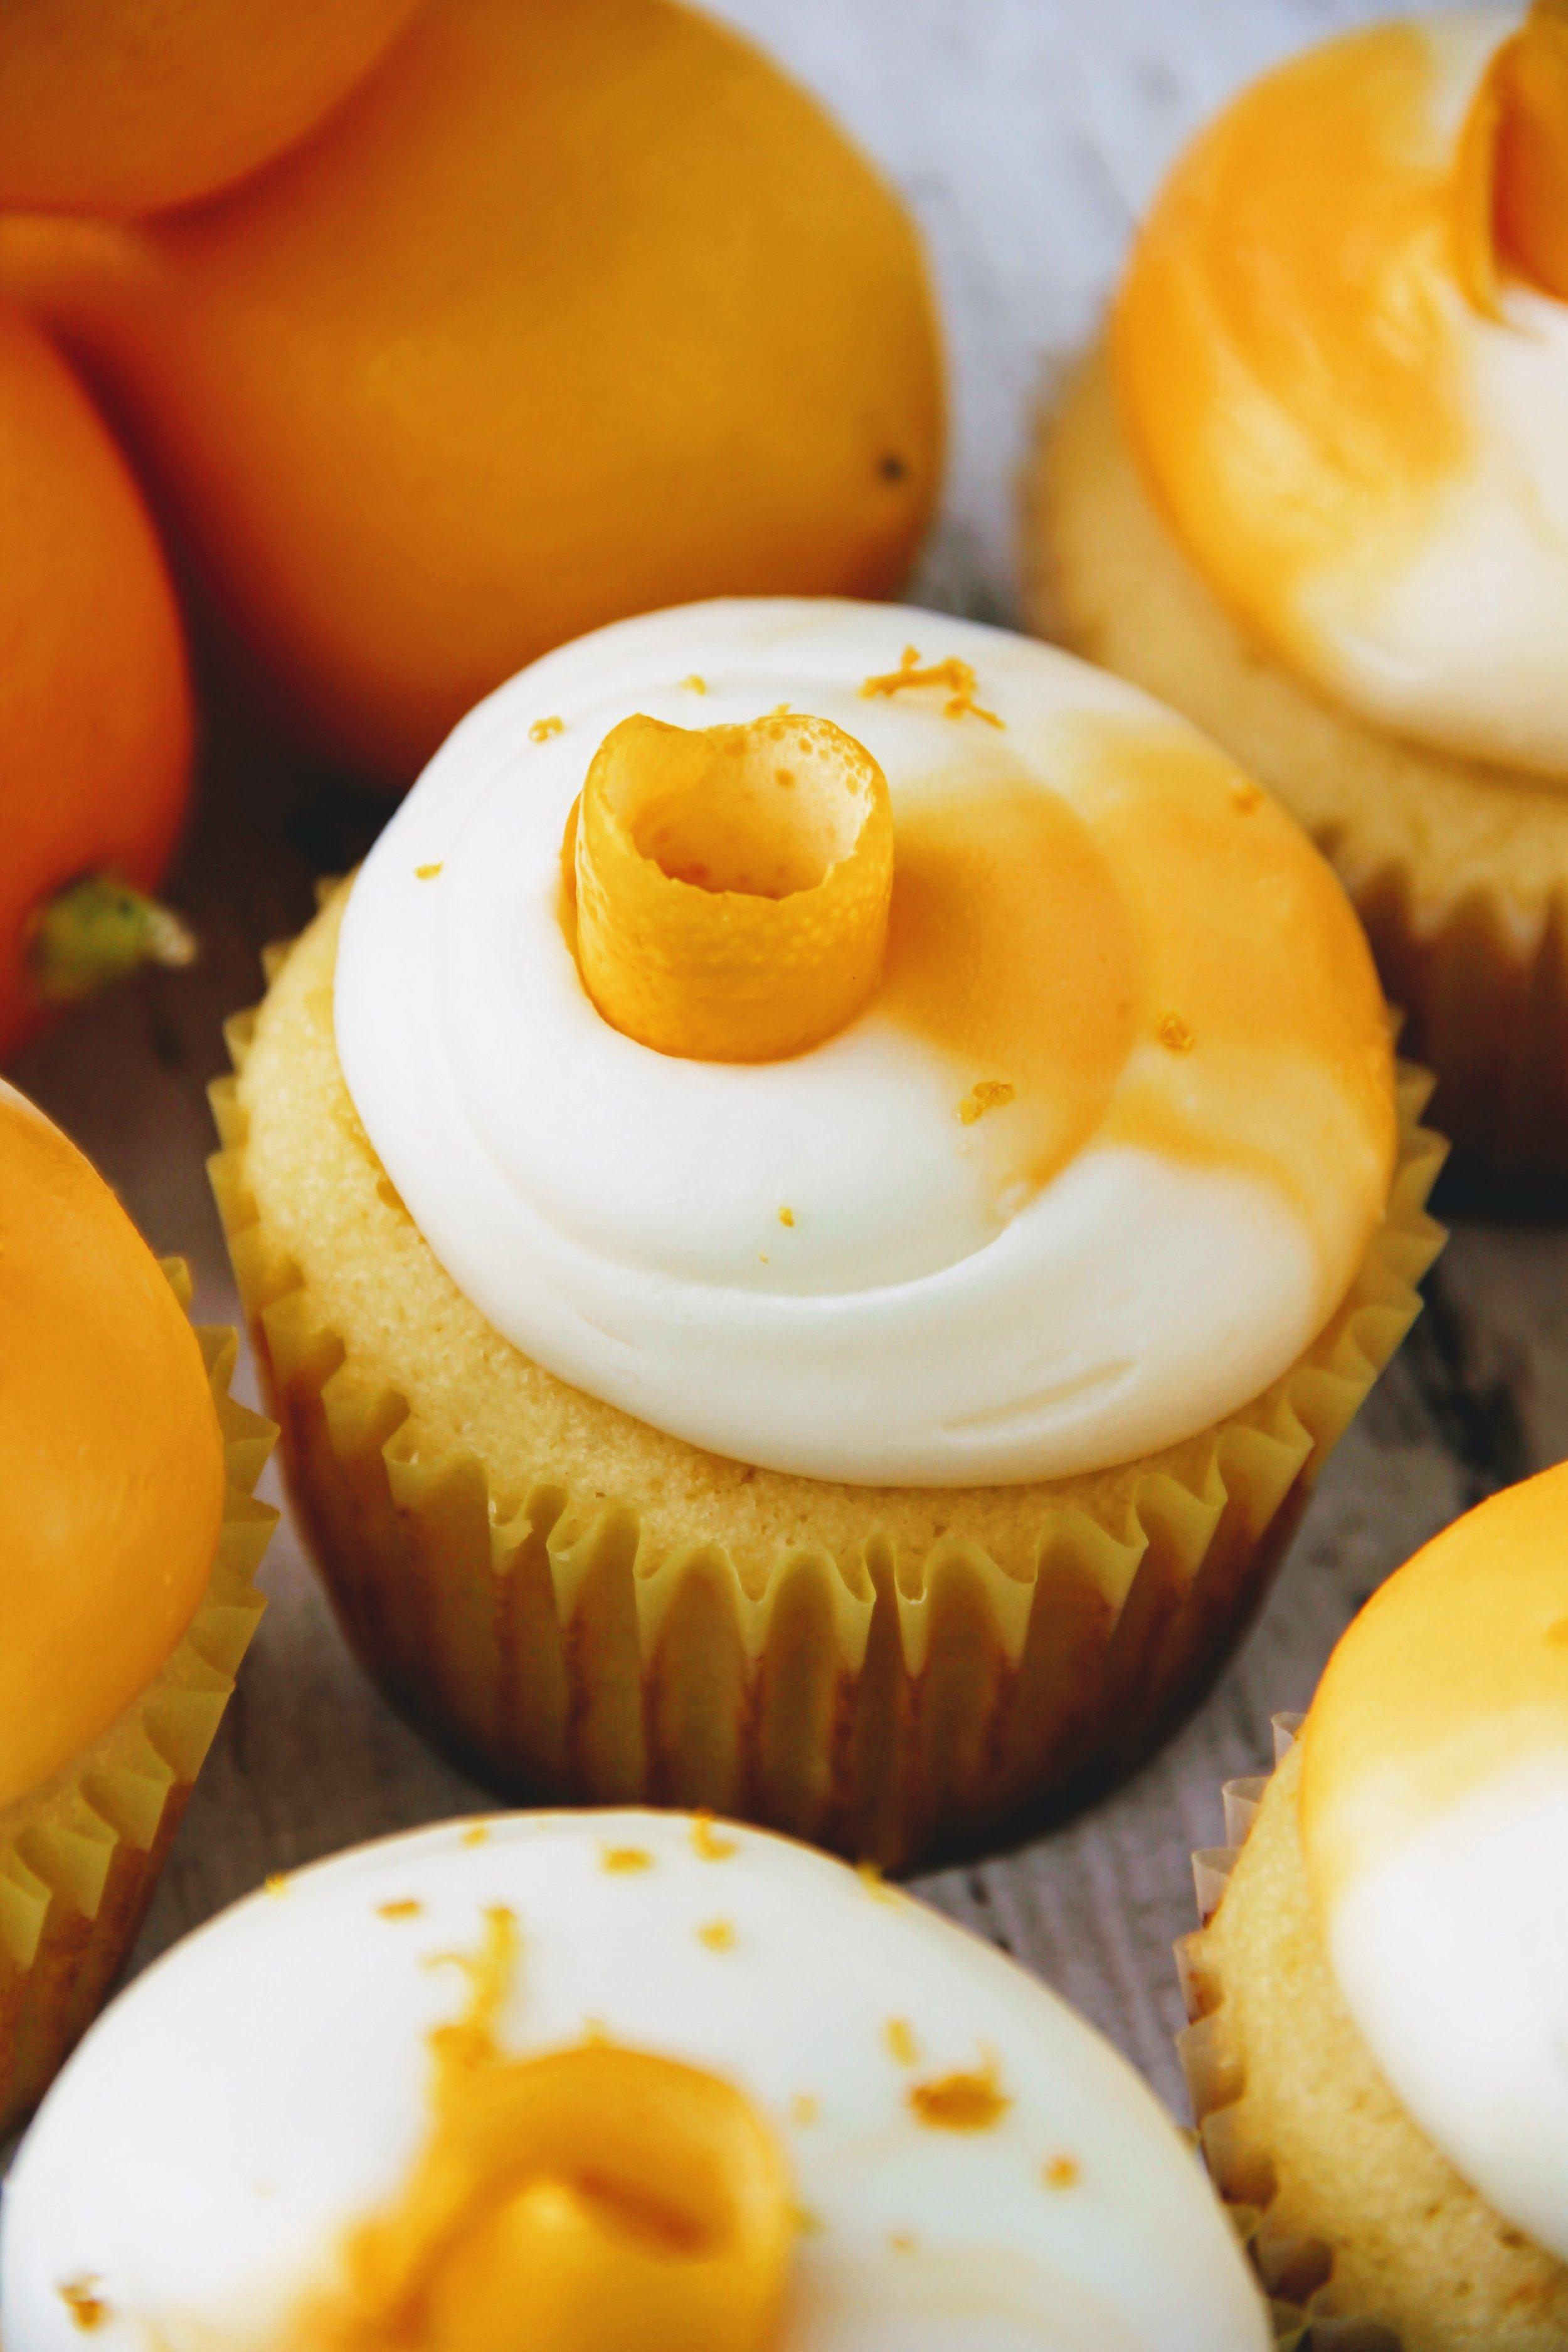 Lemon cupcake.jpg